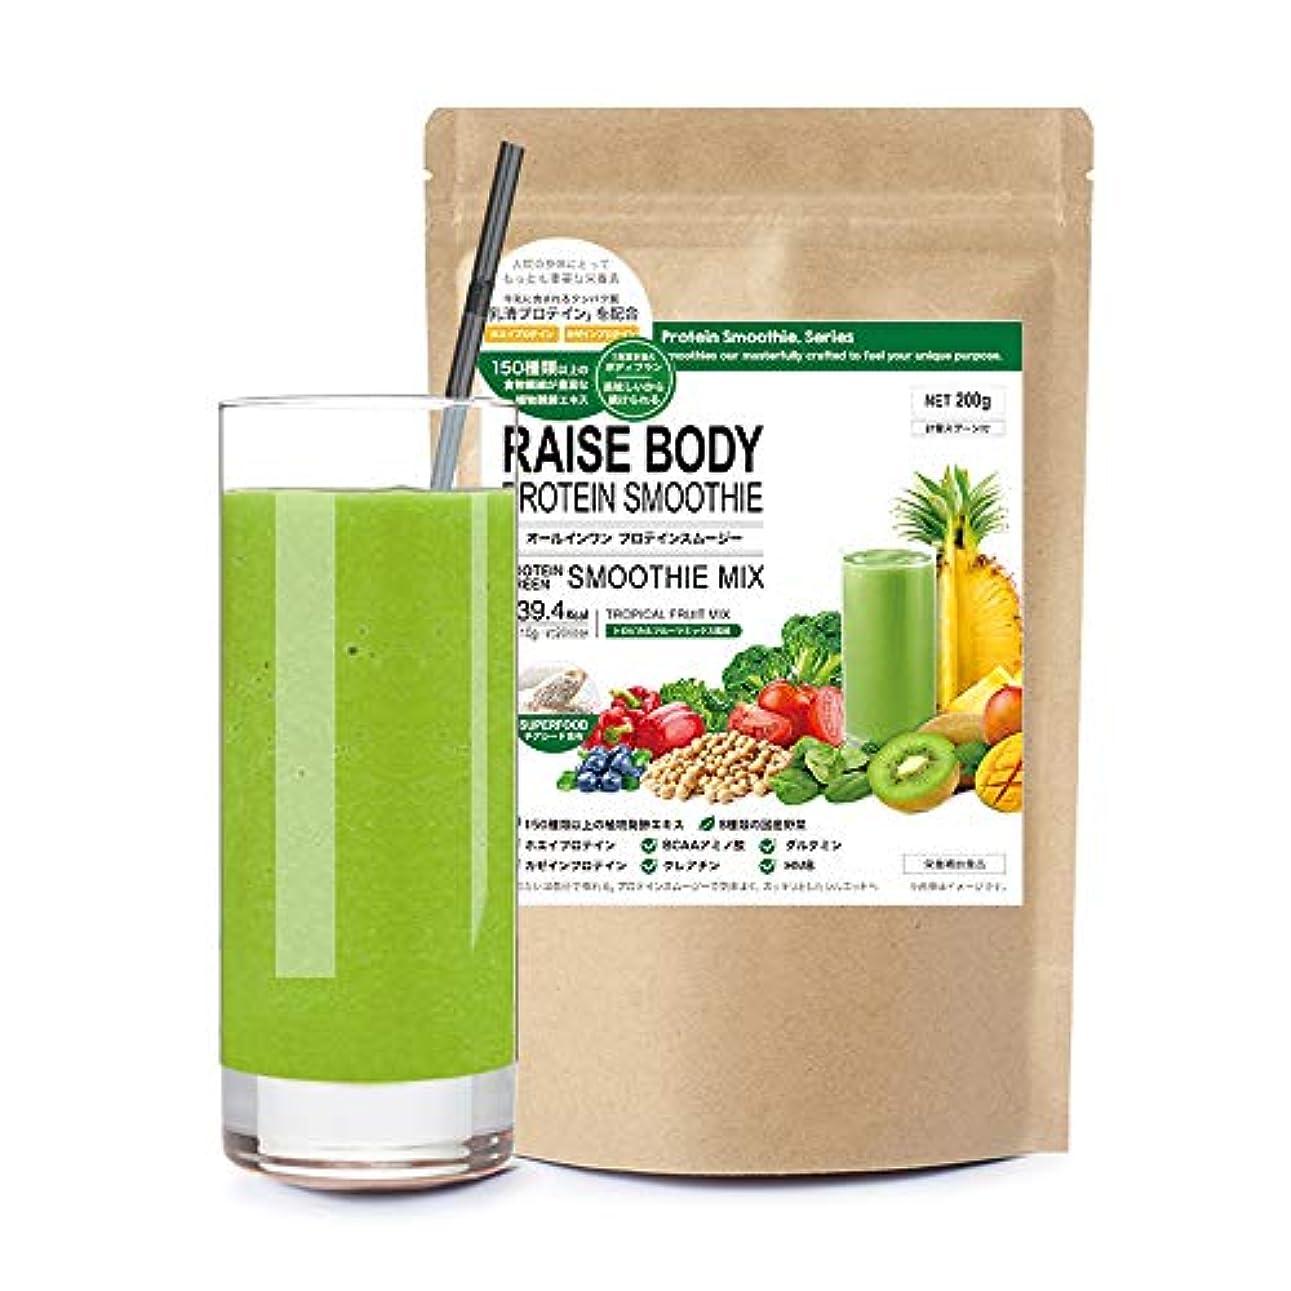 受信最大繊細スムージー プロテイン ダイエット シェイク ミネラル酵素 置き換え トロピカルフルーツ風味 RAISE BODY 200g(20回分)